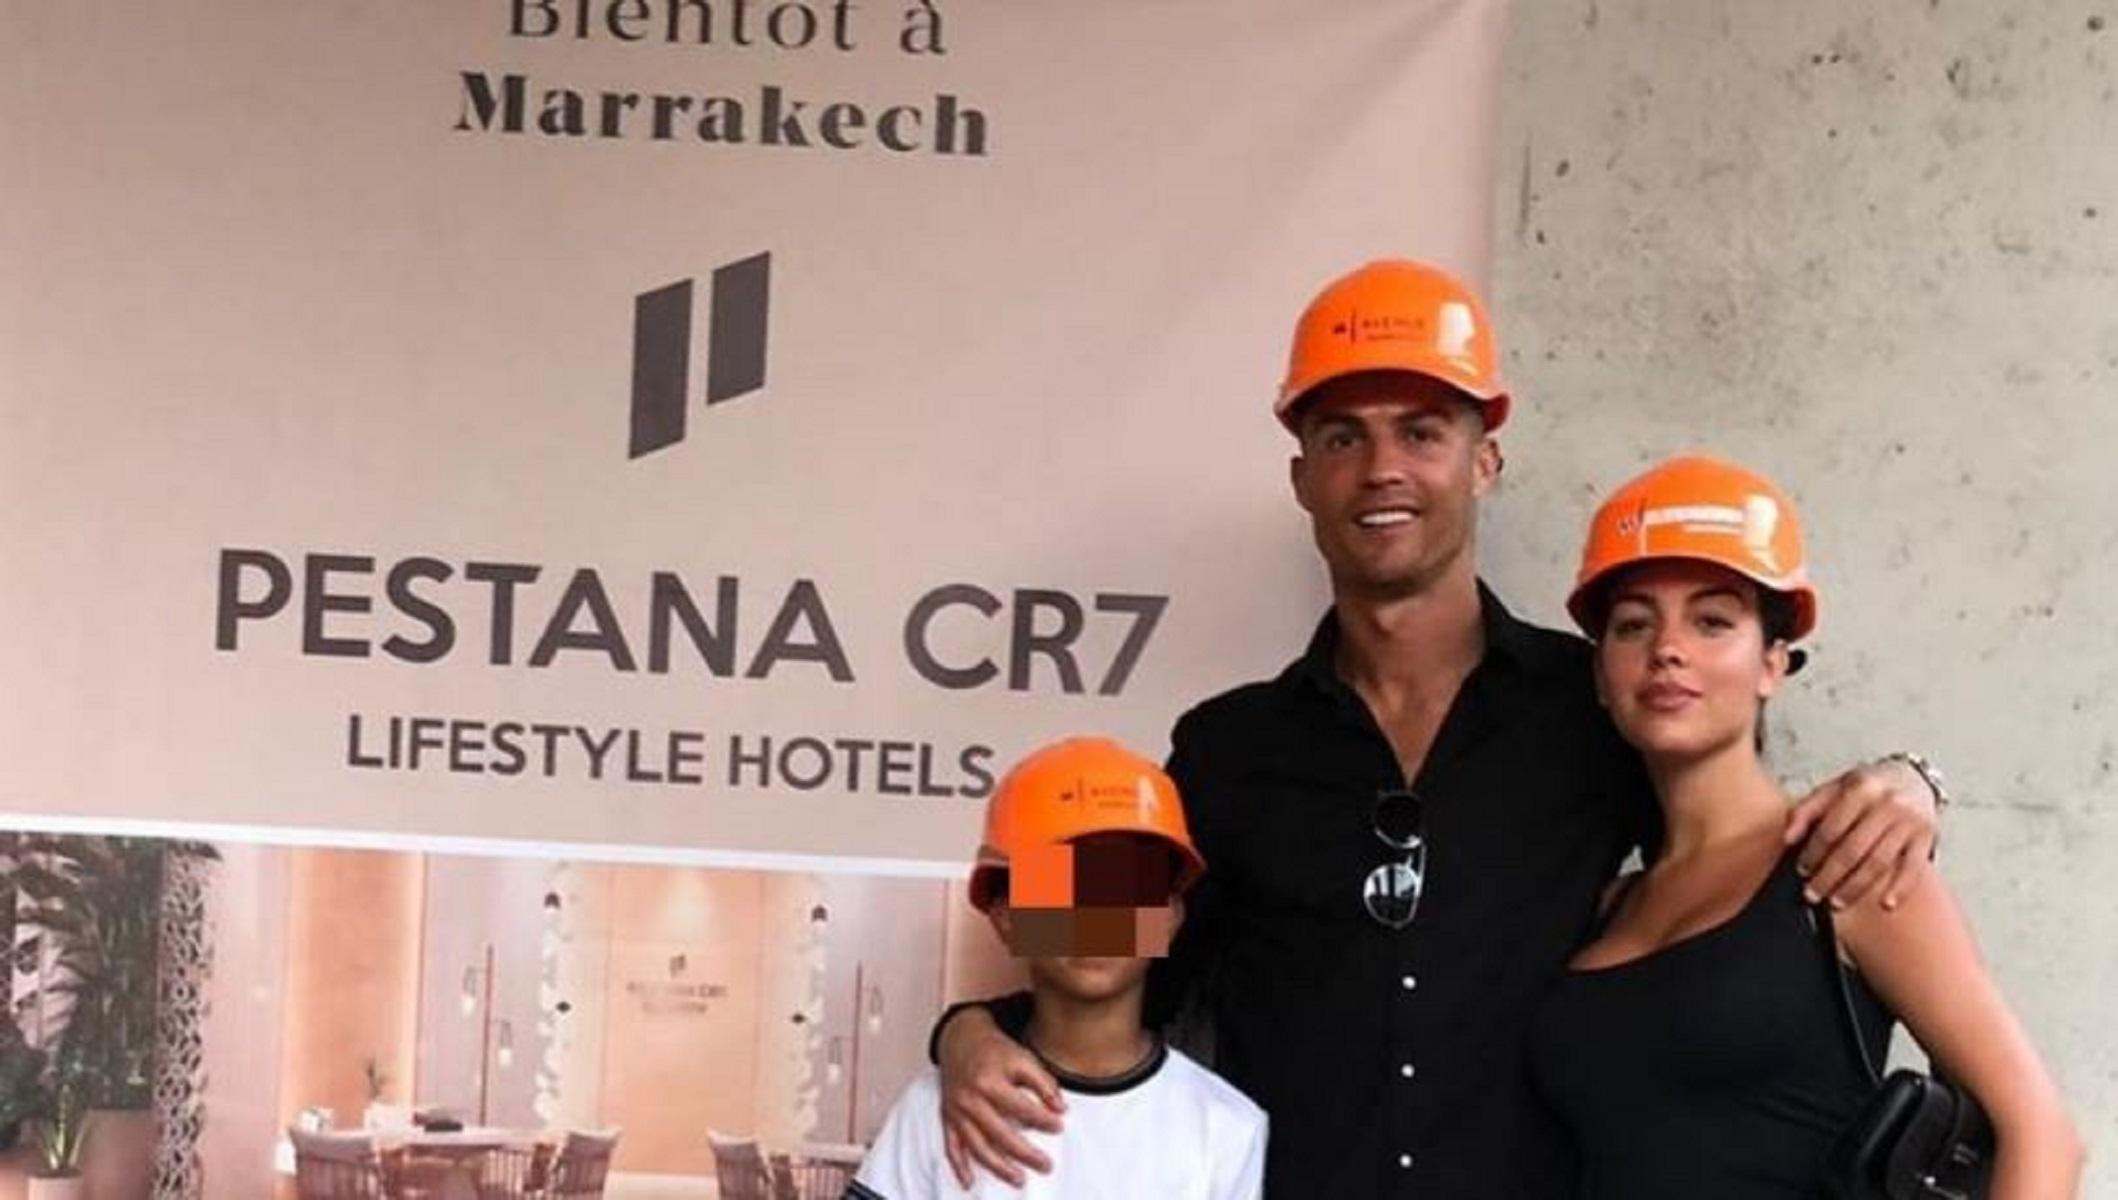 Marrakech, nel 2020 aprirà l'hotel di Cristiano Ronaldo